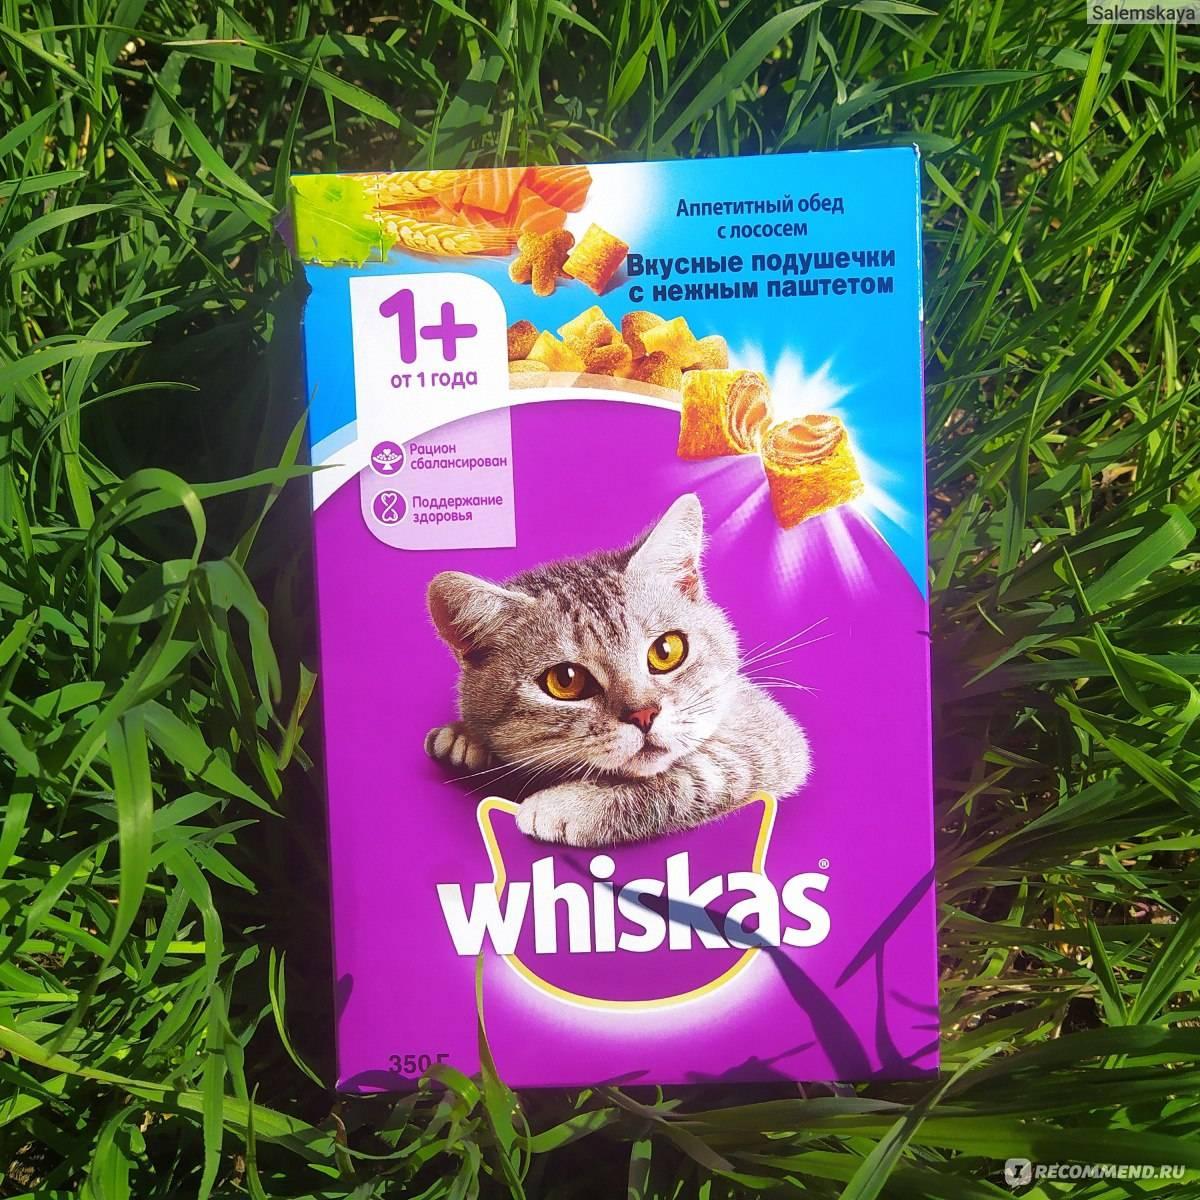 Почему нельзя кормить кошку вискасом?